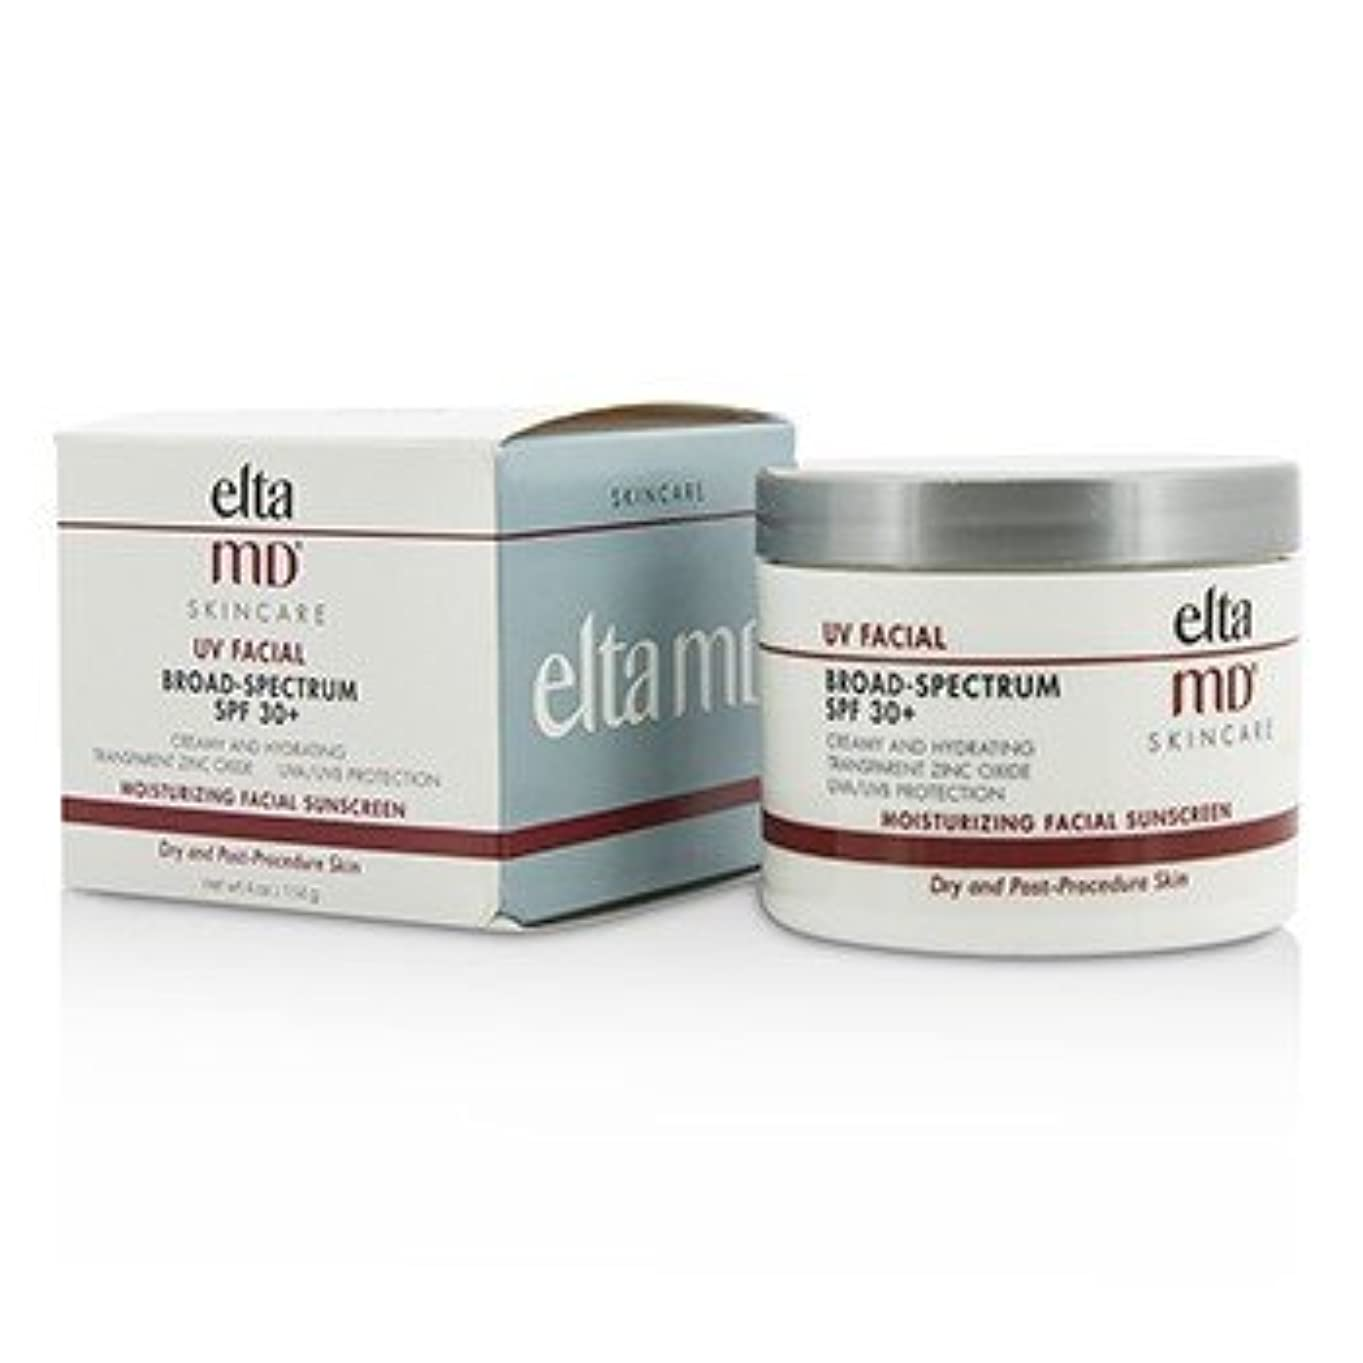 ディプロマ反映する分析的な[EltaMD] UV Facial Moisturizing Facial Sunscreen SPF 30 - For Dry & Post Procedure Skin 114g/4oz